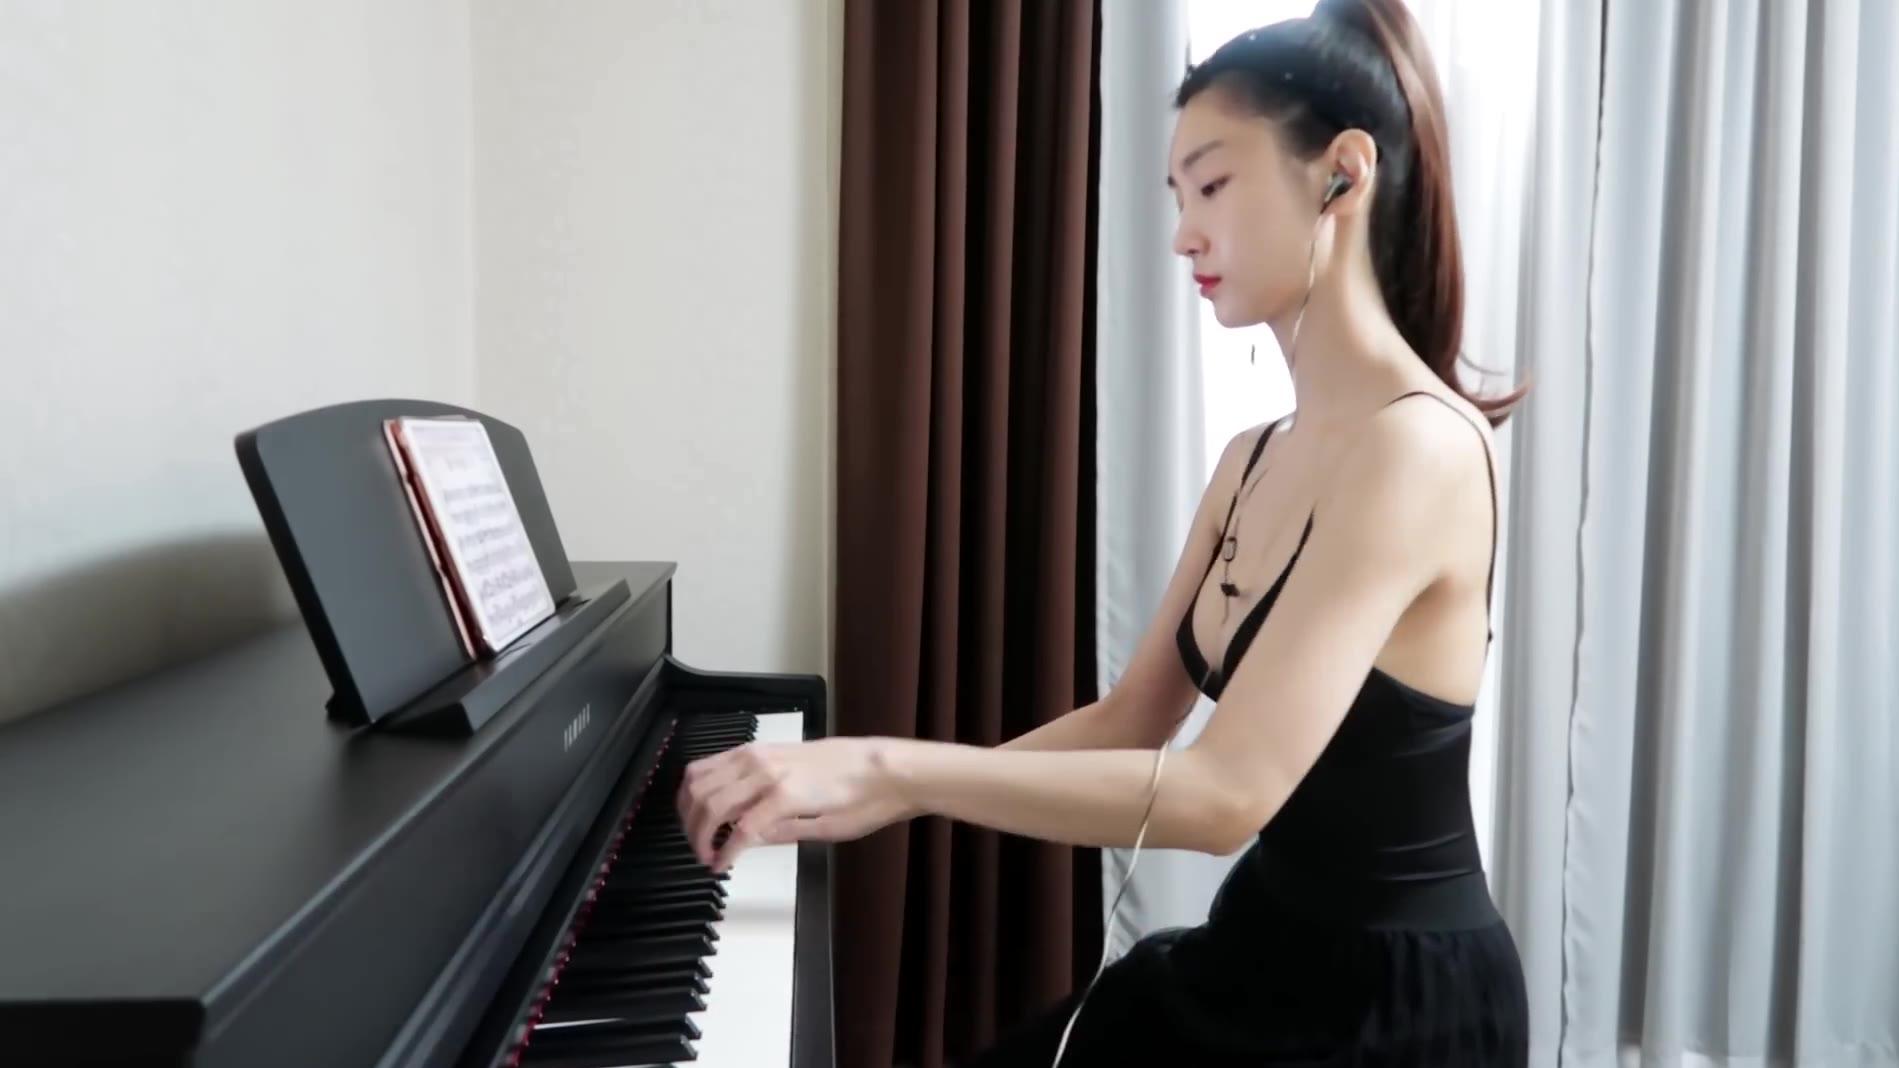 小姐姐的钢琴弹的怎么样?